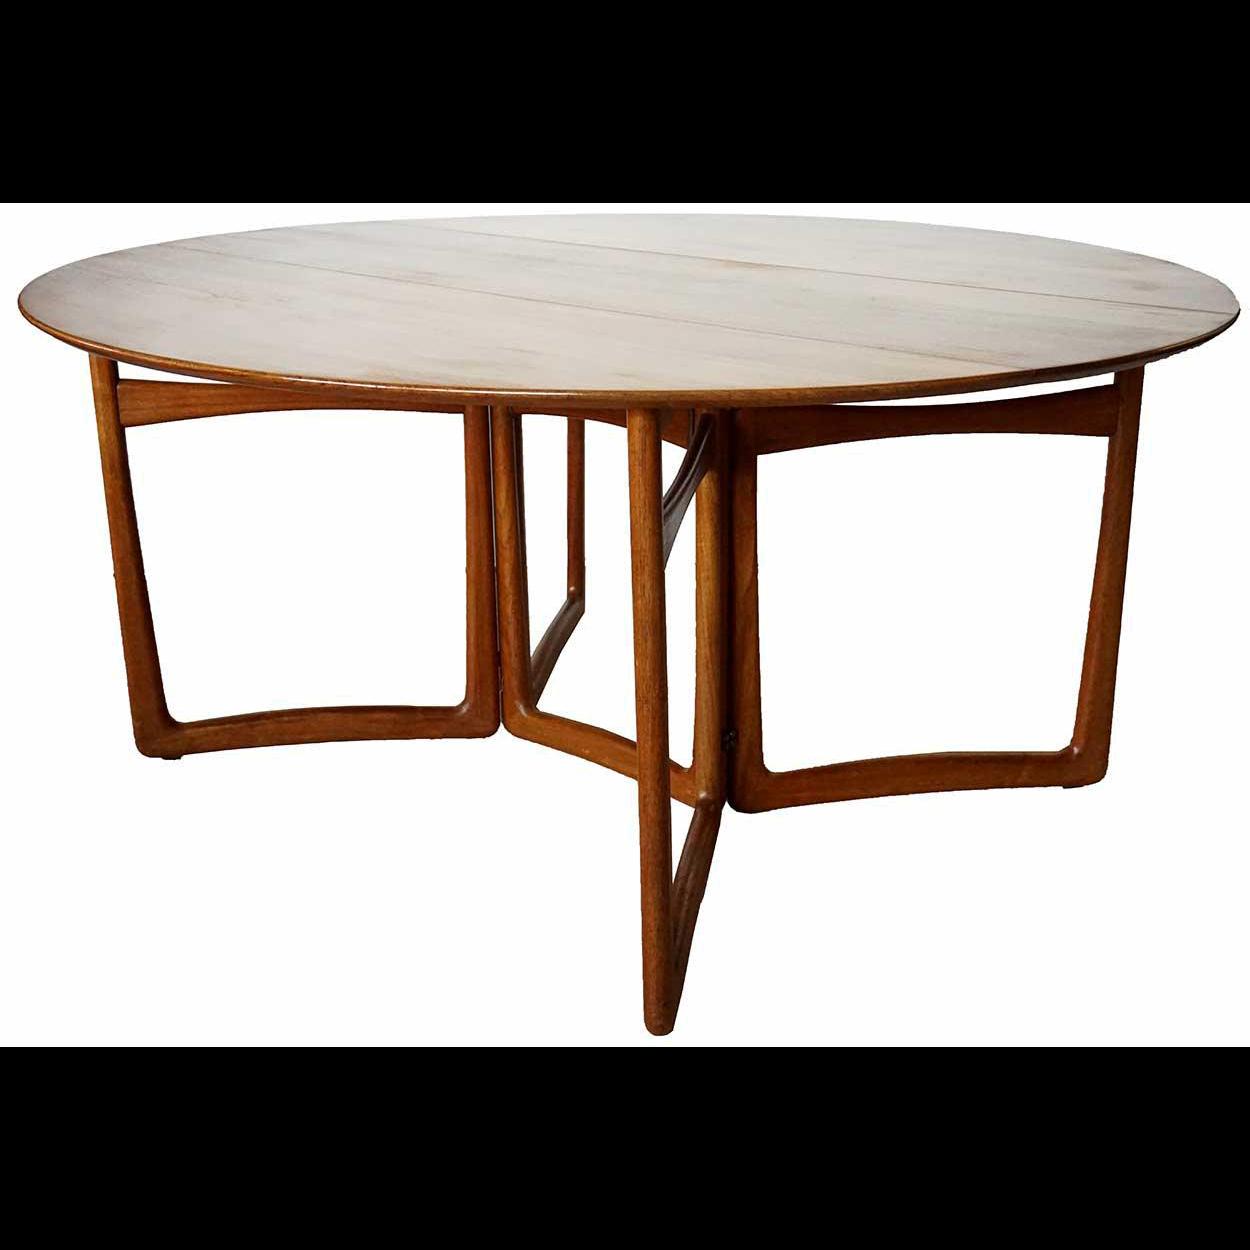 Danish Hvidt & Molgaard for John Stuart Modern Teak Folding 20/59 Dining Table